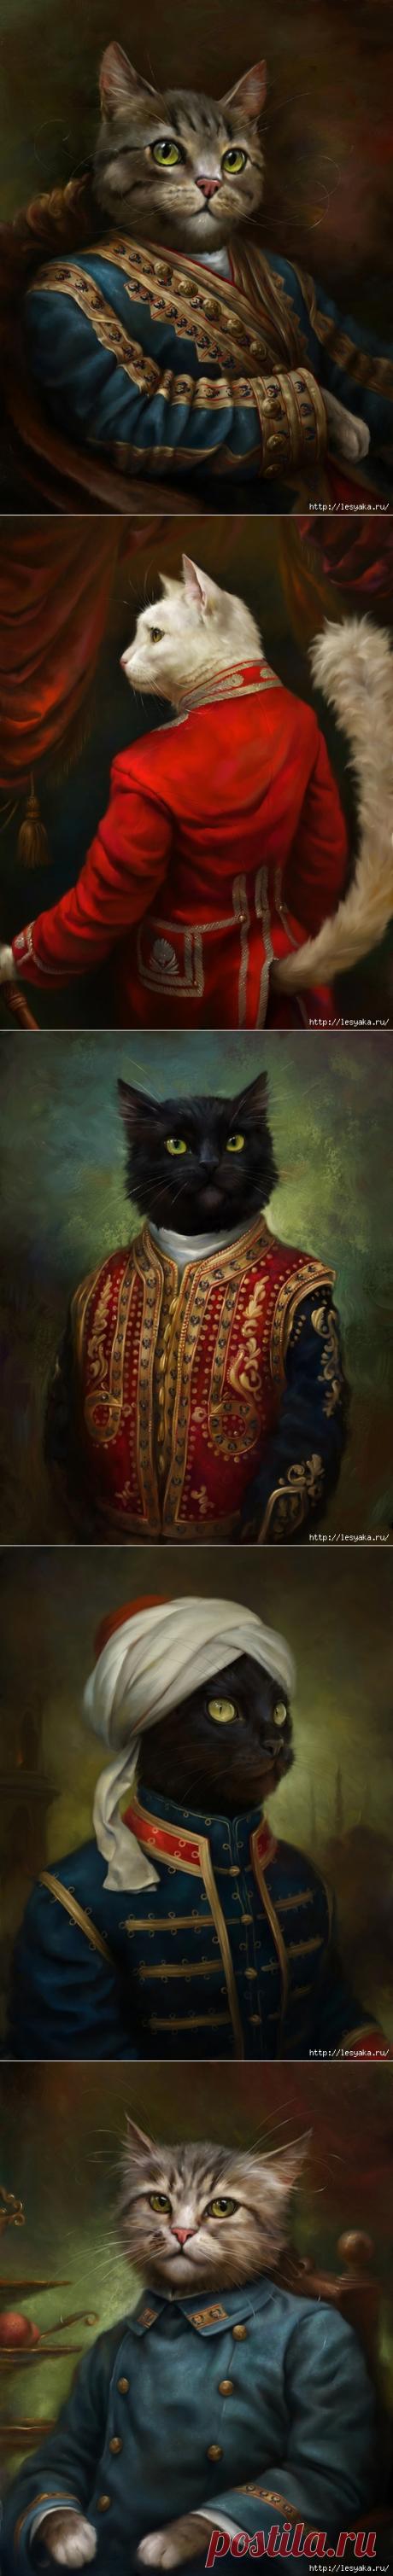 Коты Эрмитажа. Потрясающие открытки Эльдара Закирова